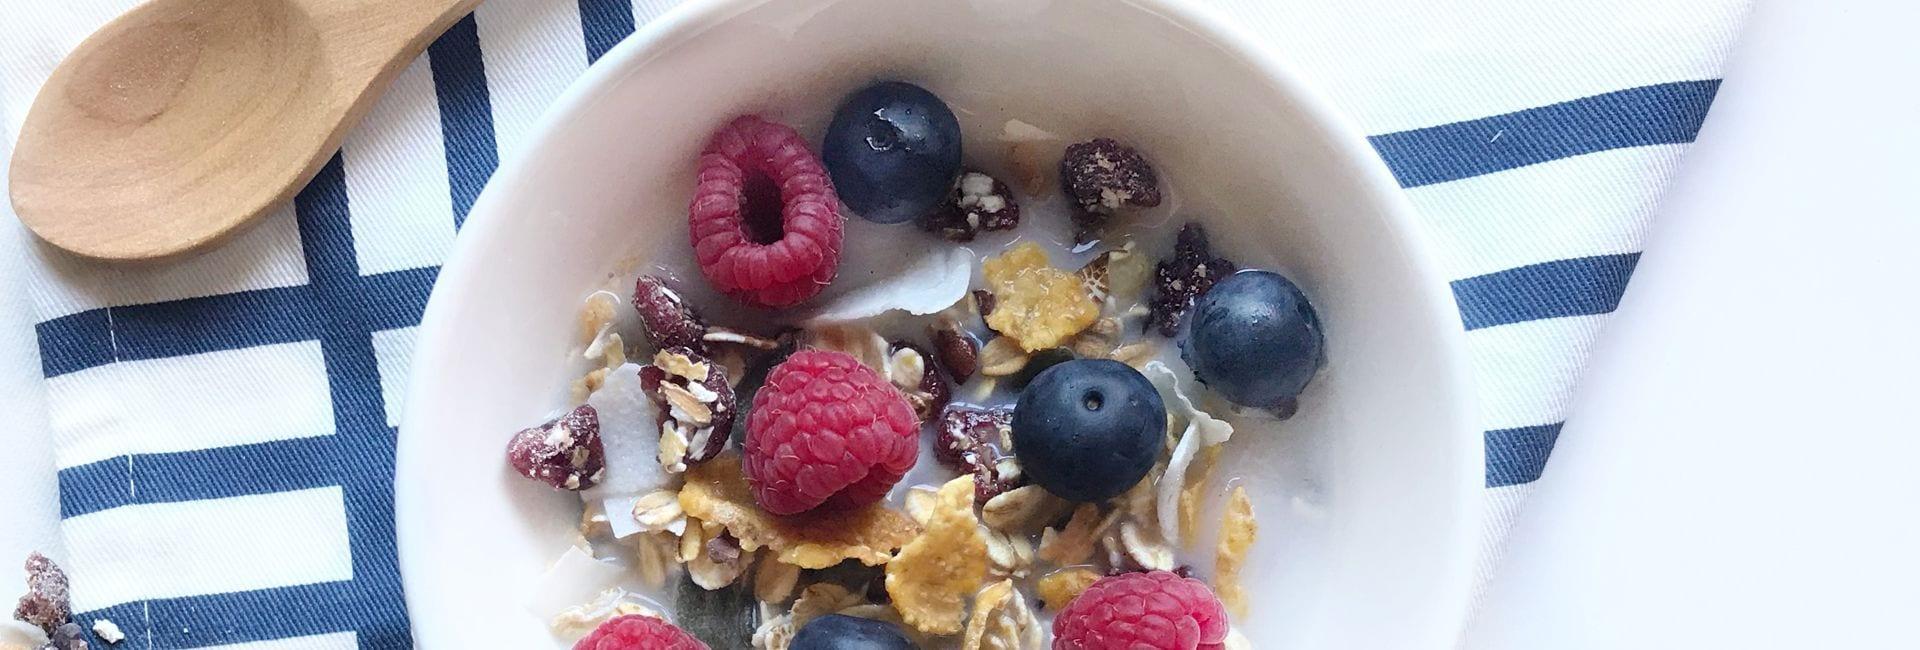 Muesli casero con 5 cereales